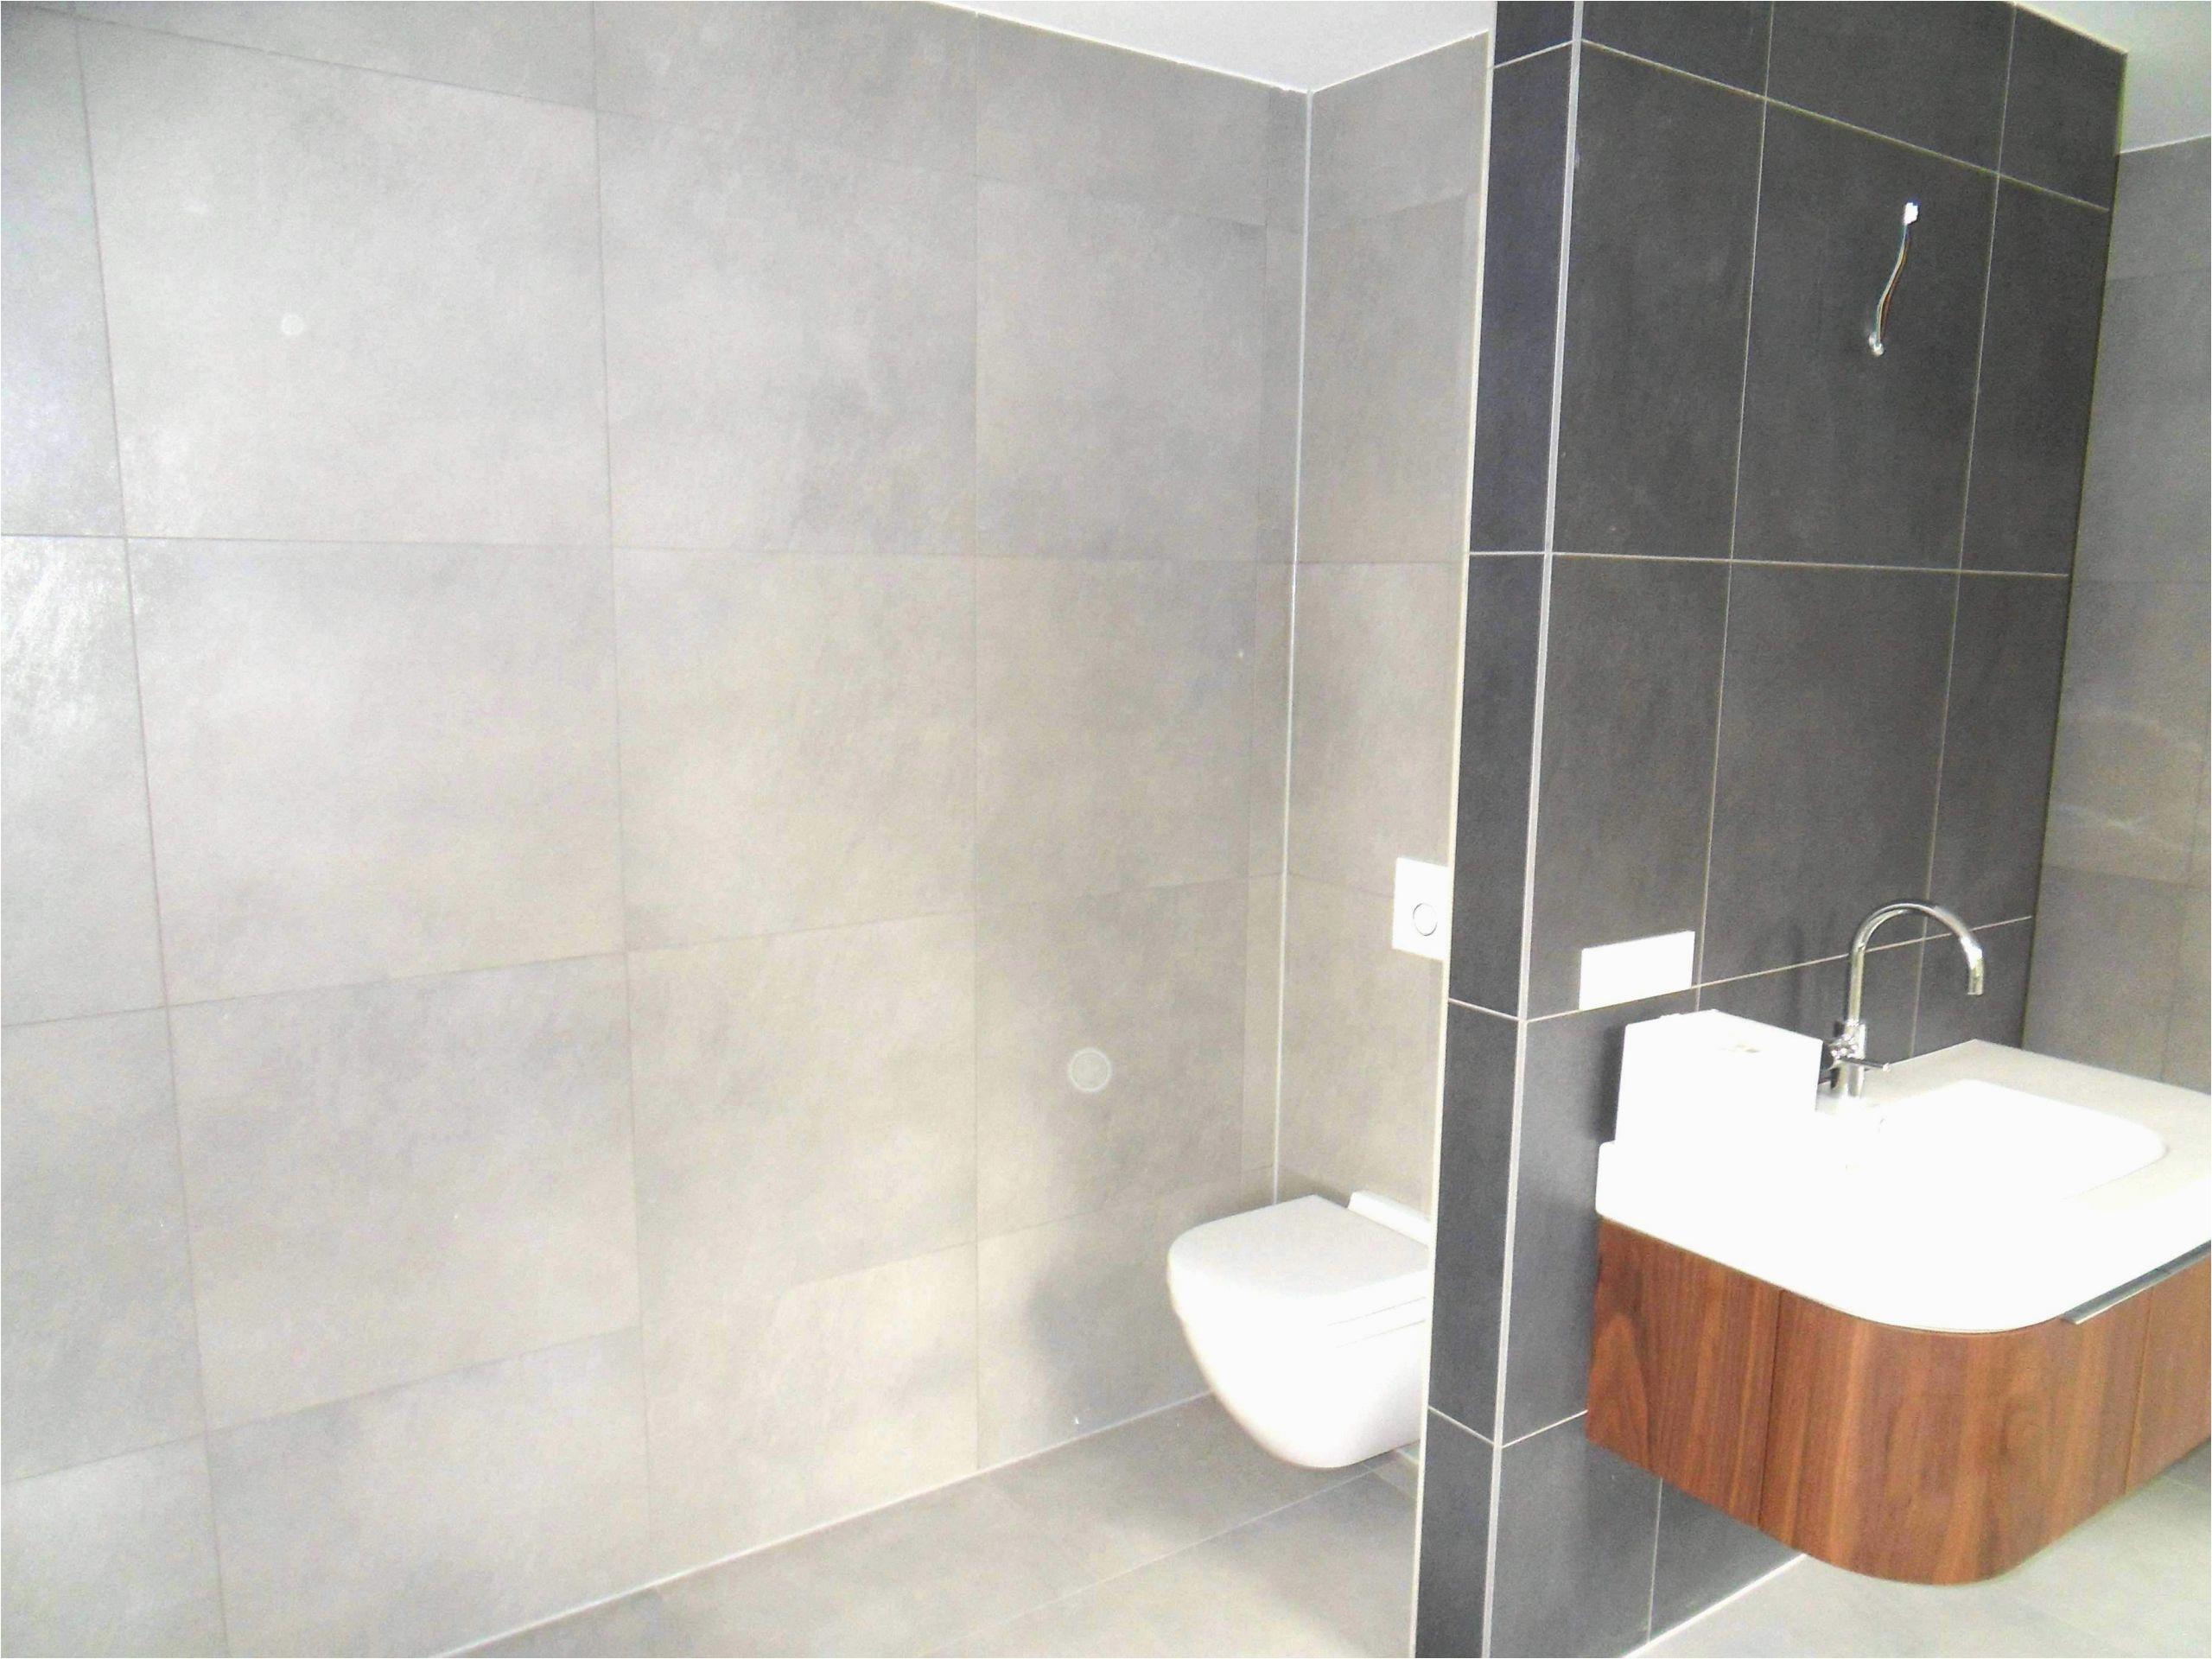 wohnzimmer fliesen genial pvc boden badezimmer 0d inspiration von fliesen bad ideen of wohnzimmer fliesen scaled